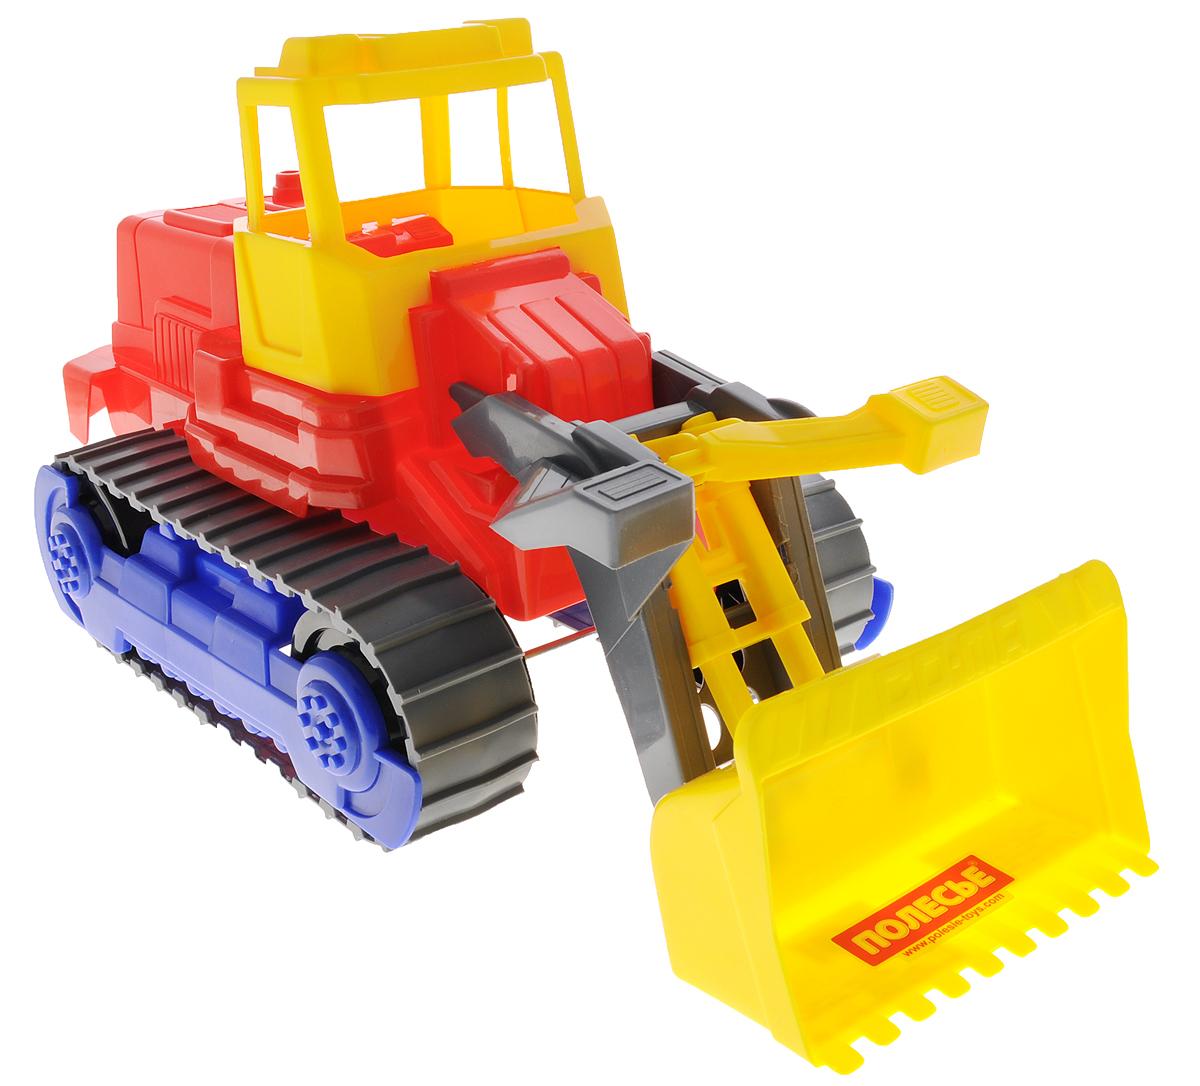 Полесье Трактор-погрузчик гусеничный цвет красный желтый7377_красный, желтыйТрактор-погрузчик гусеничный Полесье, выполненный из прочного материала, отлично подойдет ребенку для различных игр. Трактор оснащен большим ковшом, с помощью которого можно перемещать материалы (камушки, песок, веточки), убирать строительный мусор или расчищать площадку. В просторную незастекленную кабину машины легко поместится мини-фигурка водителя. Трактор снабжен гусеничным механизмом со свободным ходом, что обеспечивает игрушке устойчивость и хорошую проходимость. С этим реалистично выполненным трактором-погрузчиком ваш малыш часами будет занят игрой.